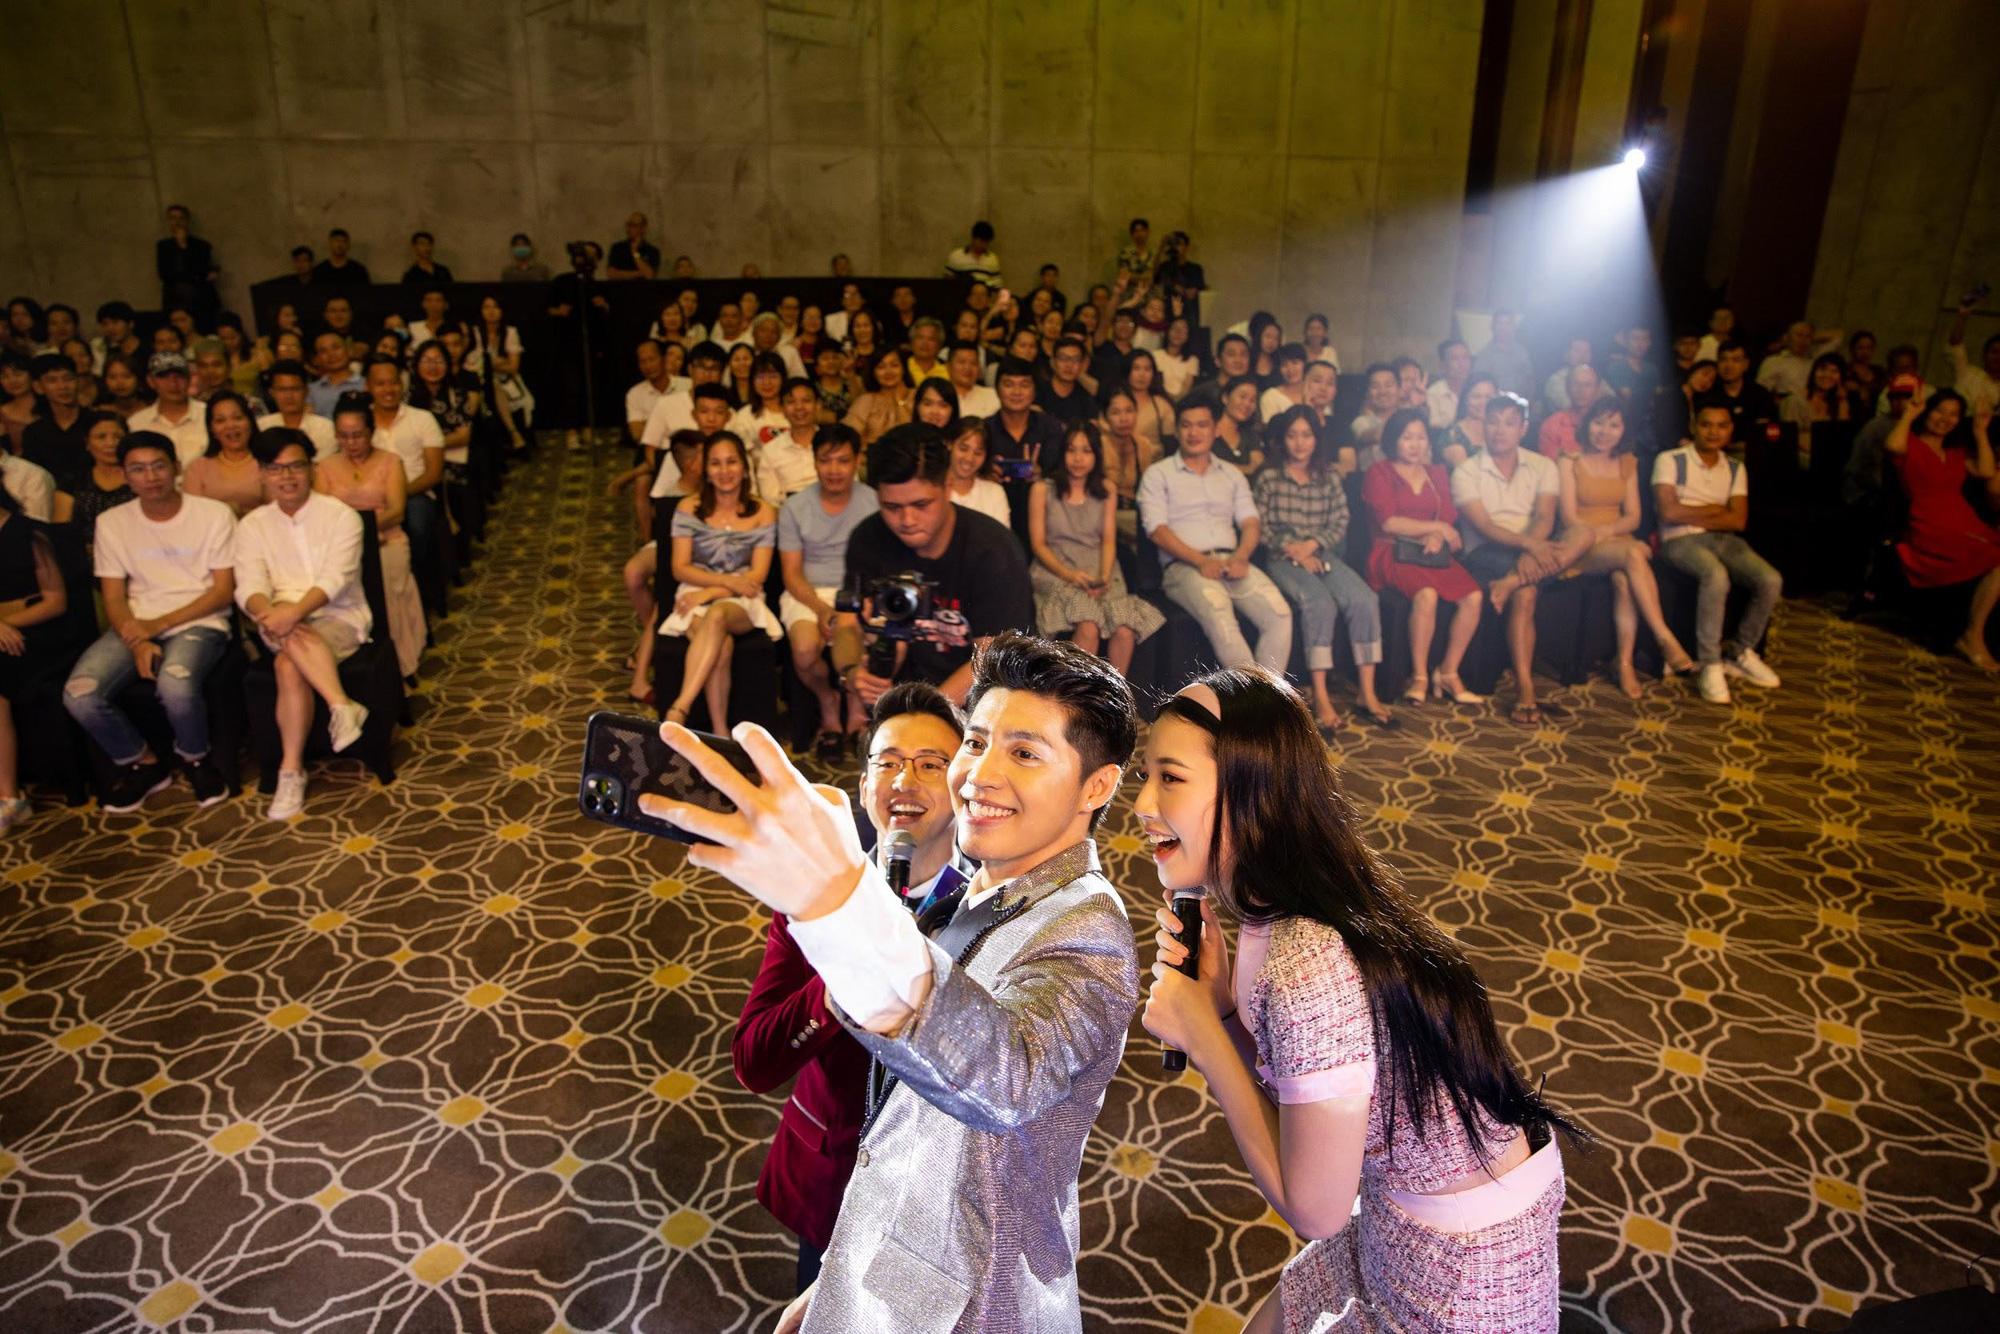 Loạt ảnh mới nhất xinh lung linh của Đông Nhi, Noo Phước Thịnh khiến khán giả trầm trồ trong đêm Gala Secret Concert – Chill Cùng Acecook - Ảnh 11.